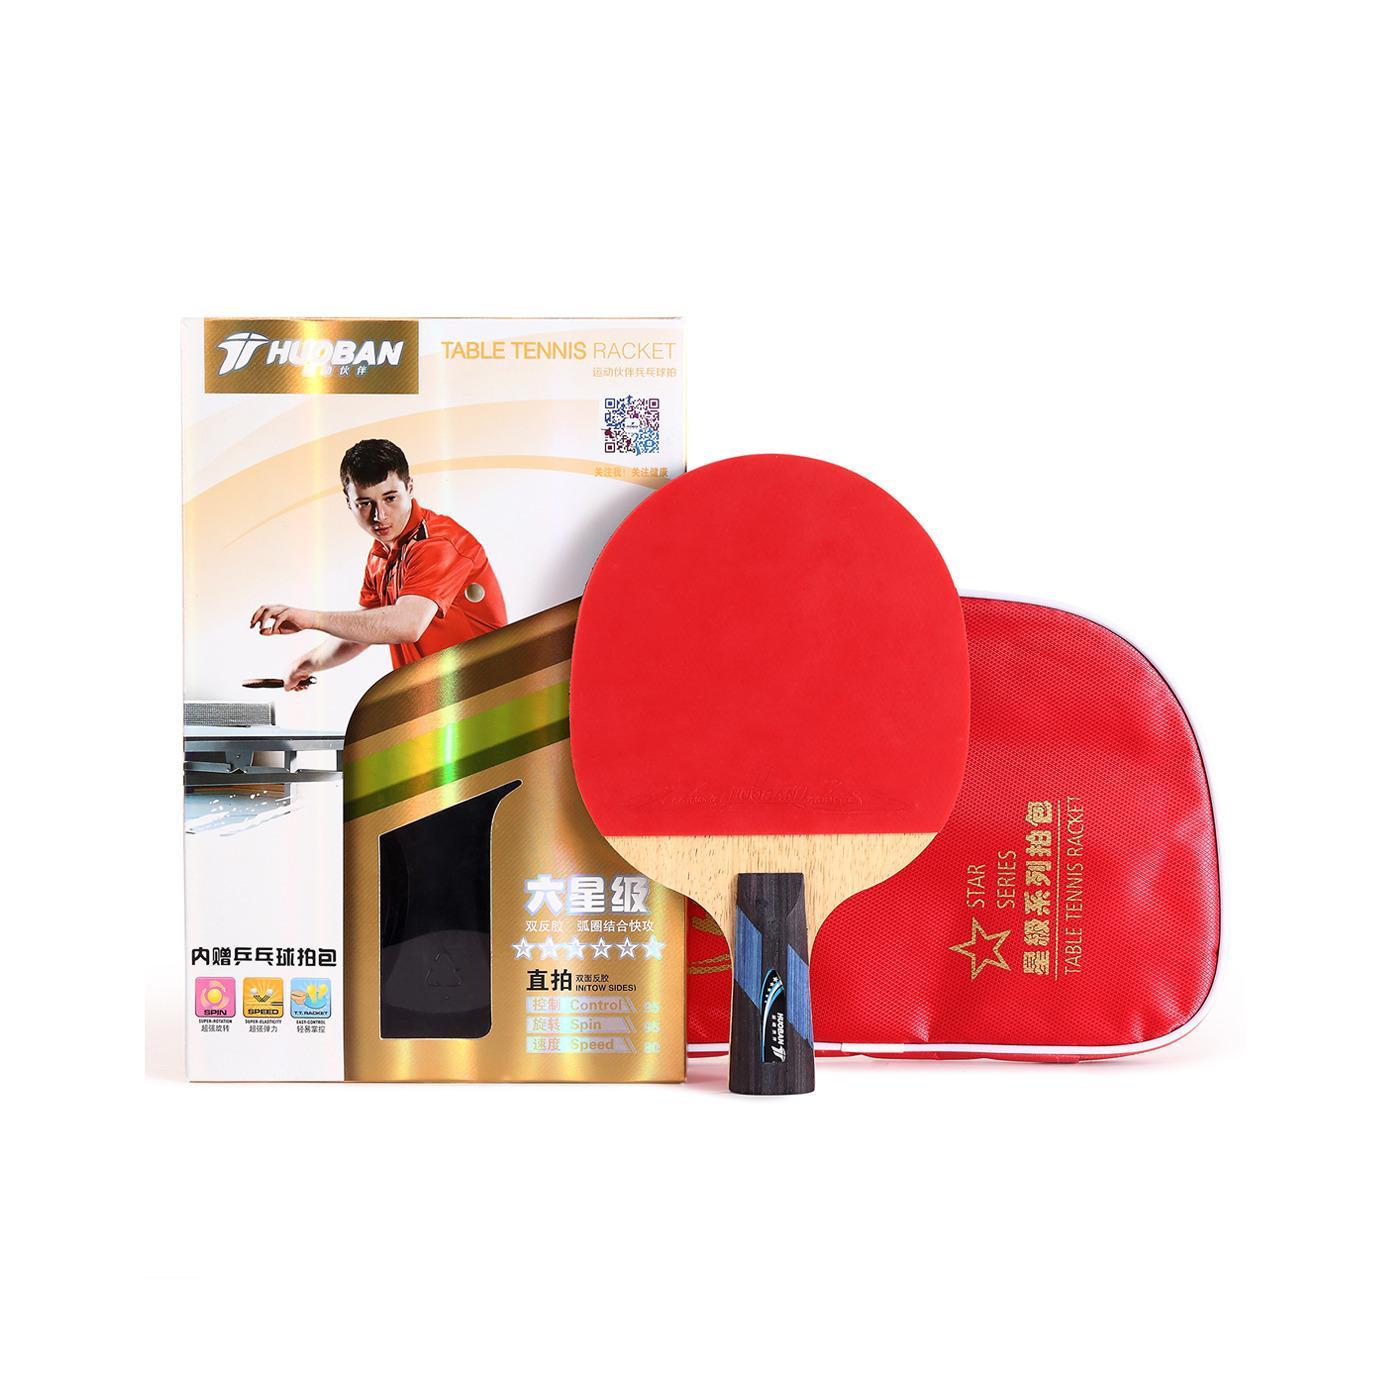 Huoban 6346B 6 Star Tenis Meja Ping Pong Raket 1 Piece Pendek Handle Racket Intl Di Tiongkok